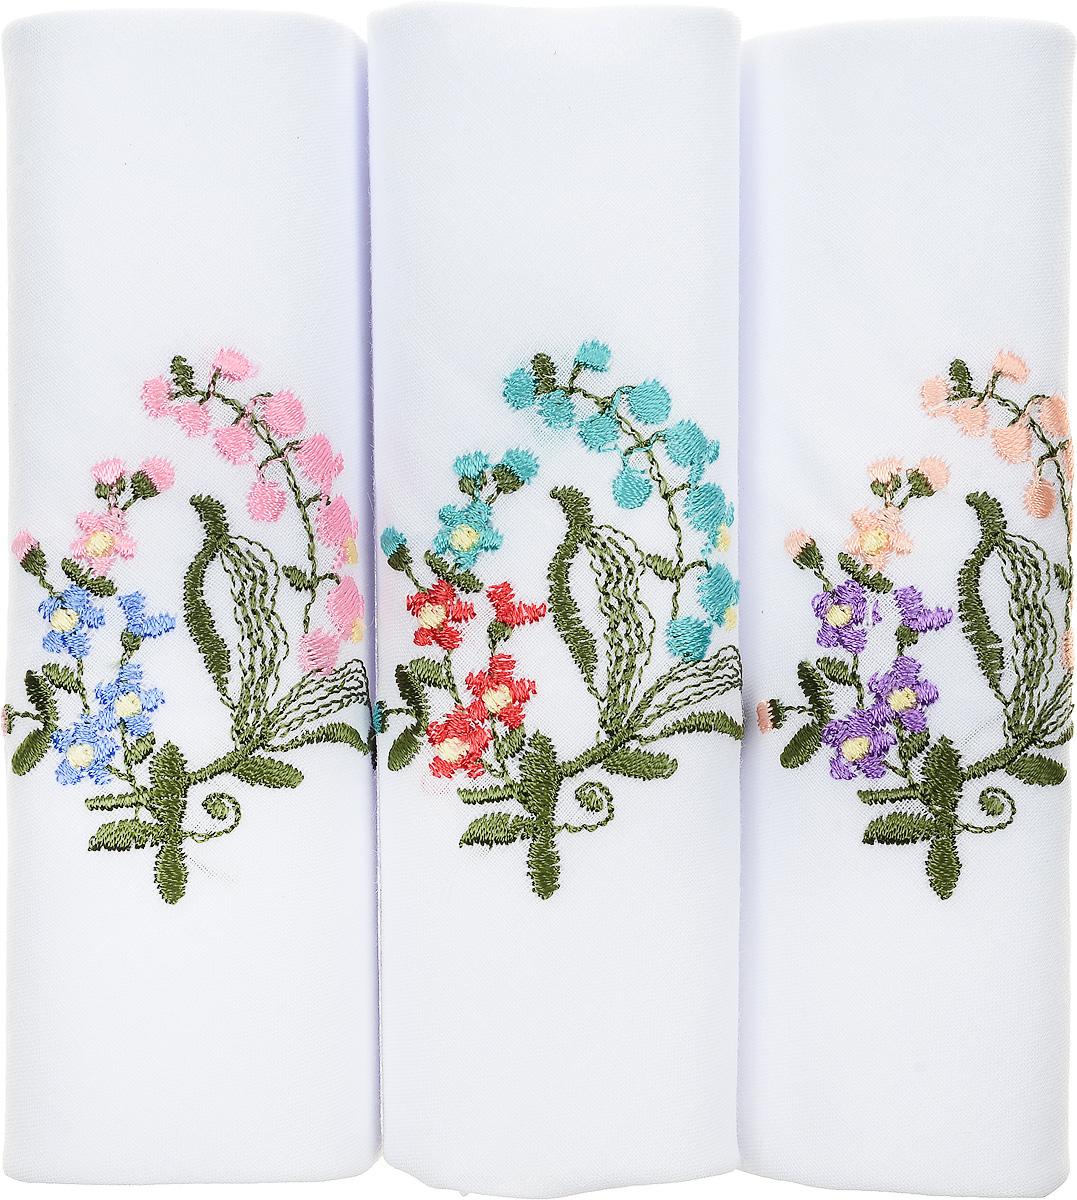 Платок носовой женский Zlata Korunka, цвет: белый, мультиколор, 3 шт. 40320-4. Размер 43 см х 43 см39864 Серьги с подвескамиОригинальный женский носовой платок Zlata Korunka изготовлен из высококачественного натурального хлопка, благодаря чему приятен в использовании, хорошо стирается, не садится и отлично впитывает влагу. Практичный и изящный носовой платок будет незаменим в повседневной жизни любого современного человека. Такой платок послужит стильным аксессуаром и подчеркнет ваше превосходное чувство вкуса.